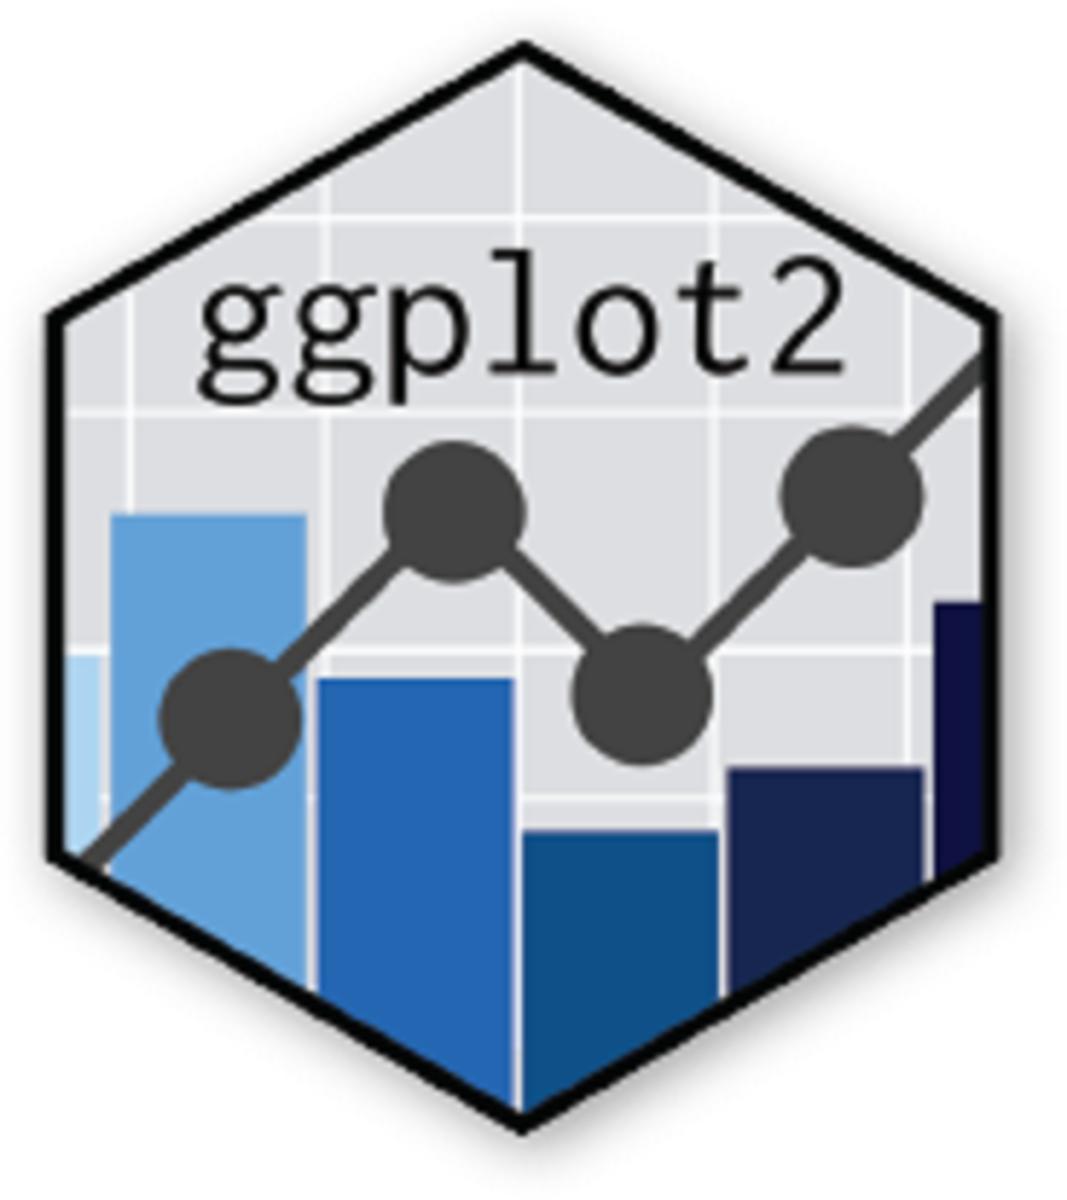 ggplot2 Package